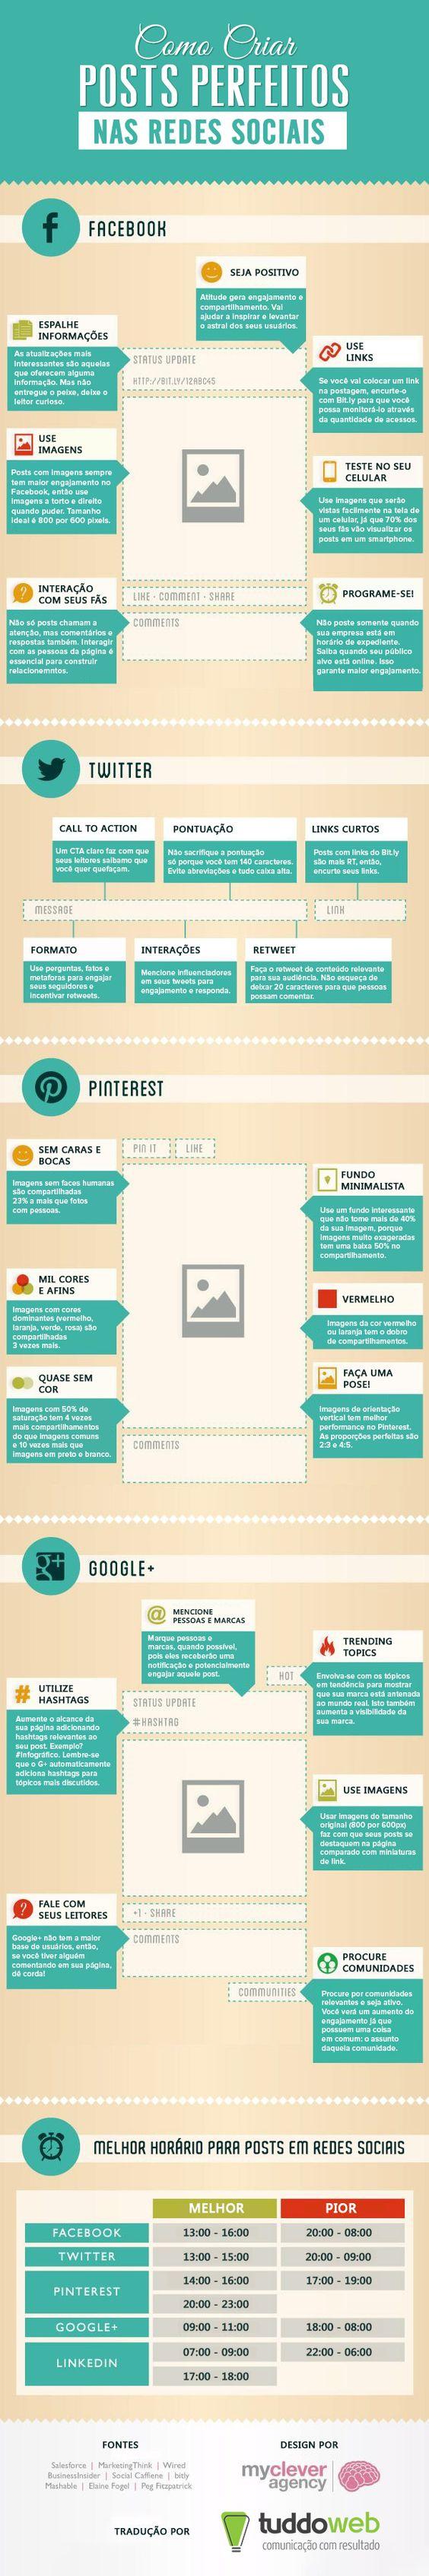 Infográfico ensina como criar posts perfeitos para as redes sociaisBlog Mídia8! » Comunicação digital e redes sociais: